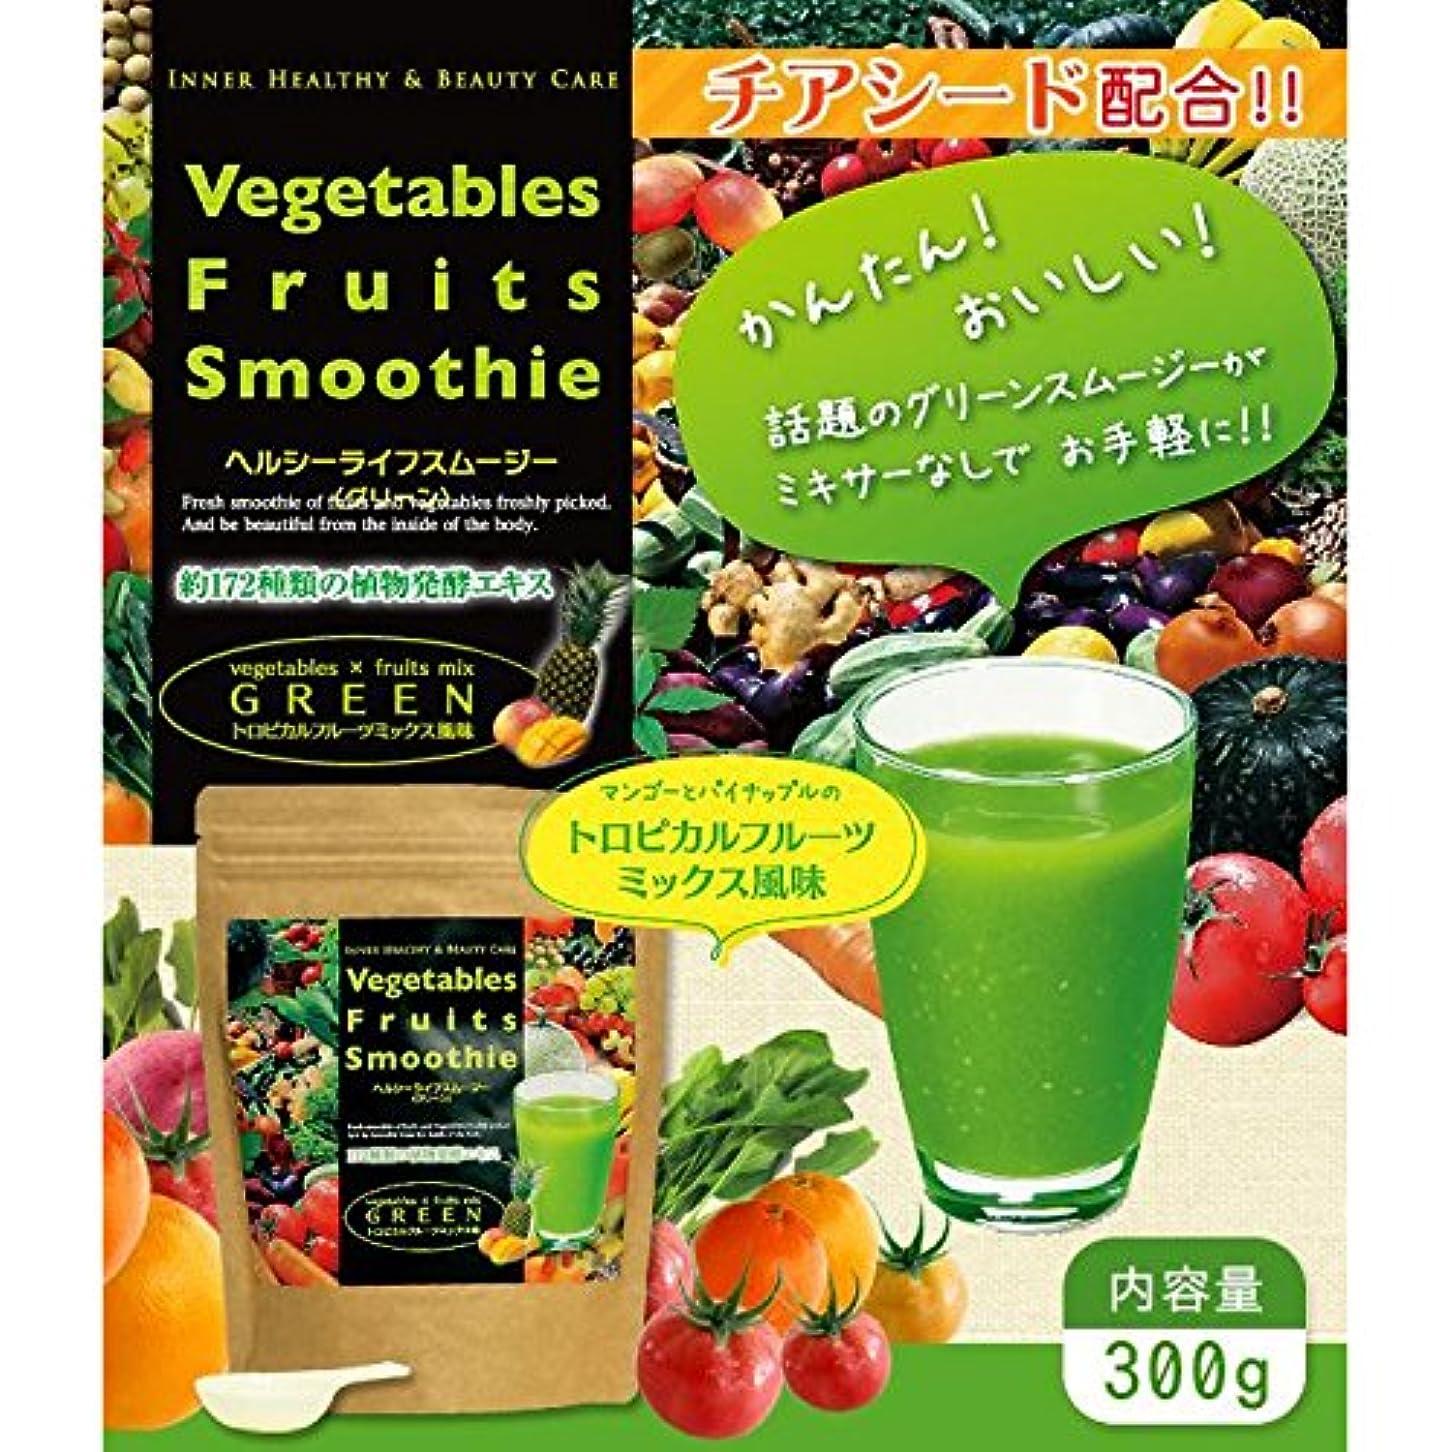 納屋南東イルVegetables Fruits Smoothie ヘルシーライフスムージー(グリーン)トロピカルフルーツミックス味 300g 日本製